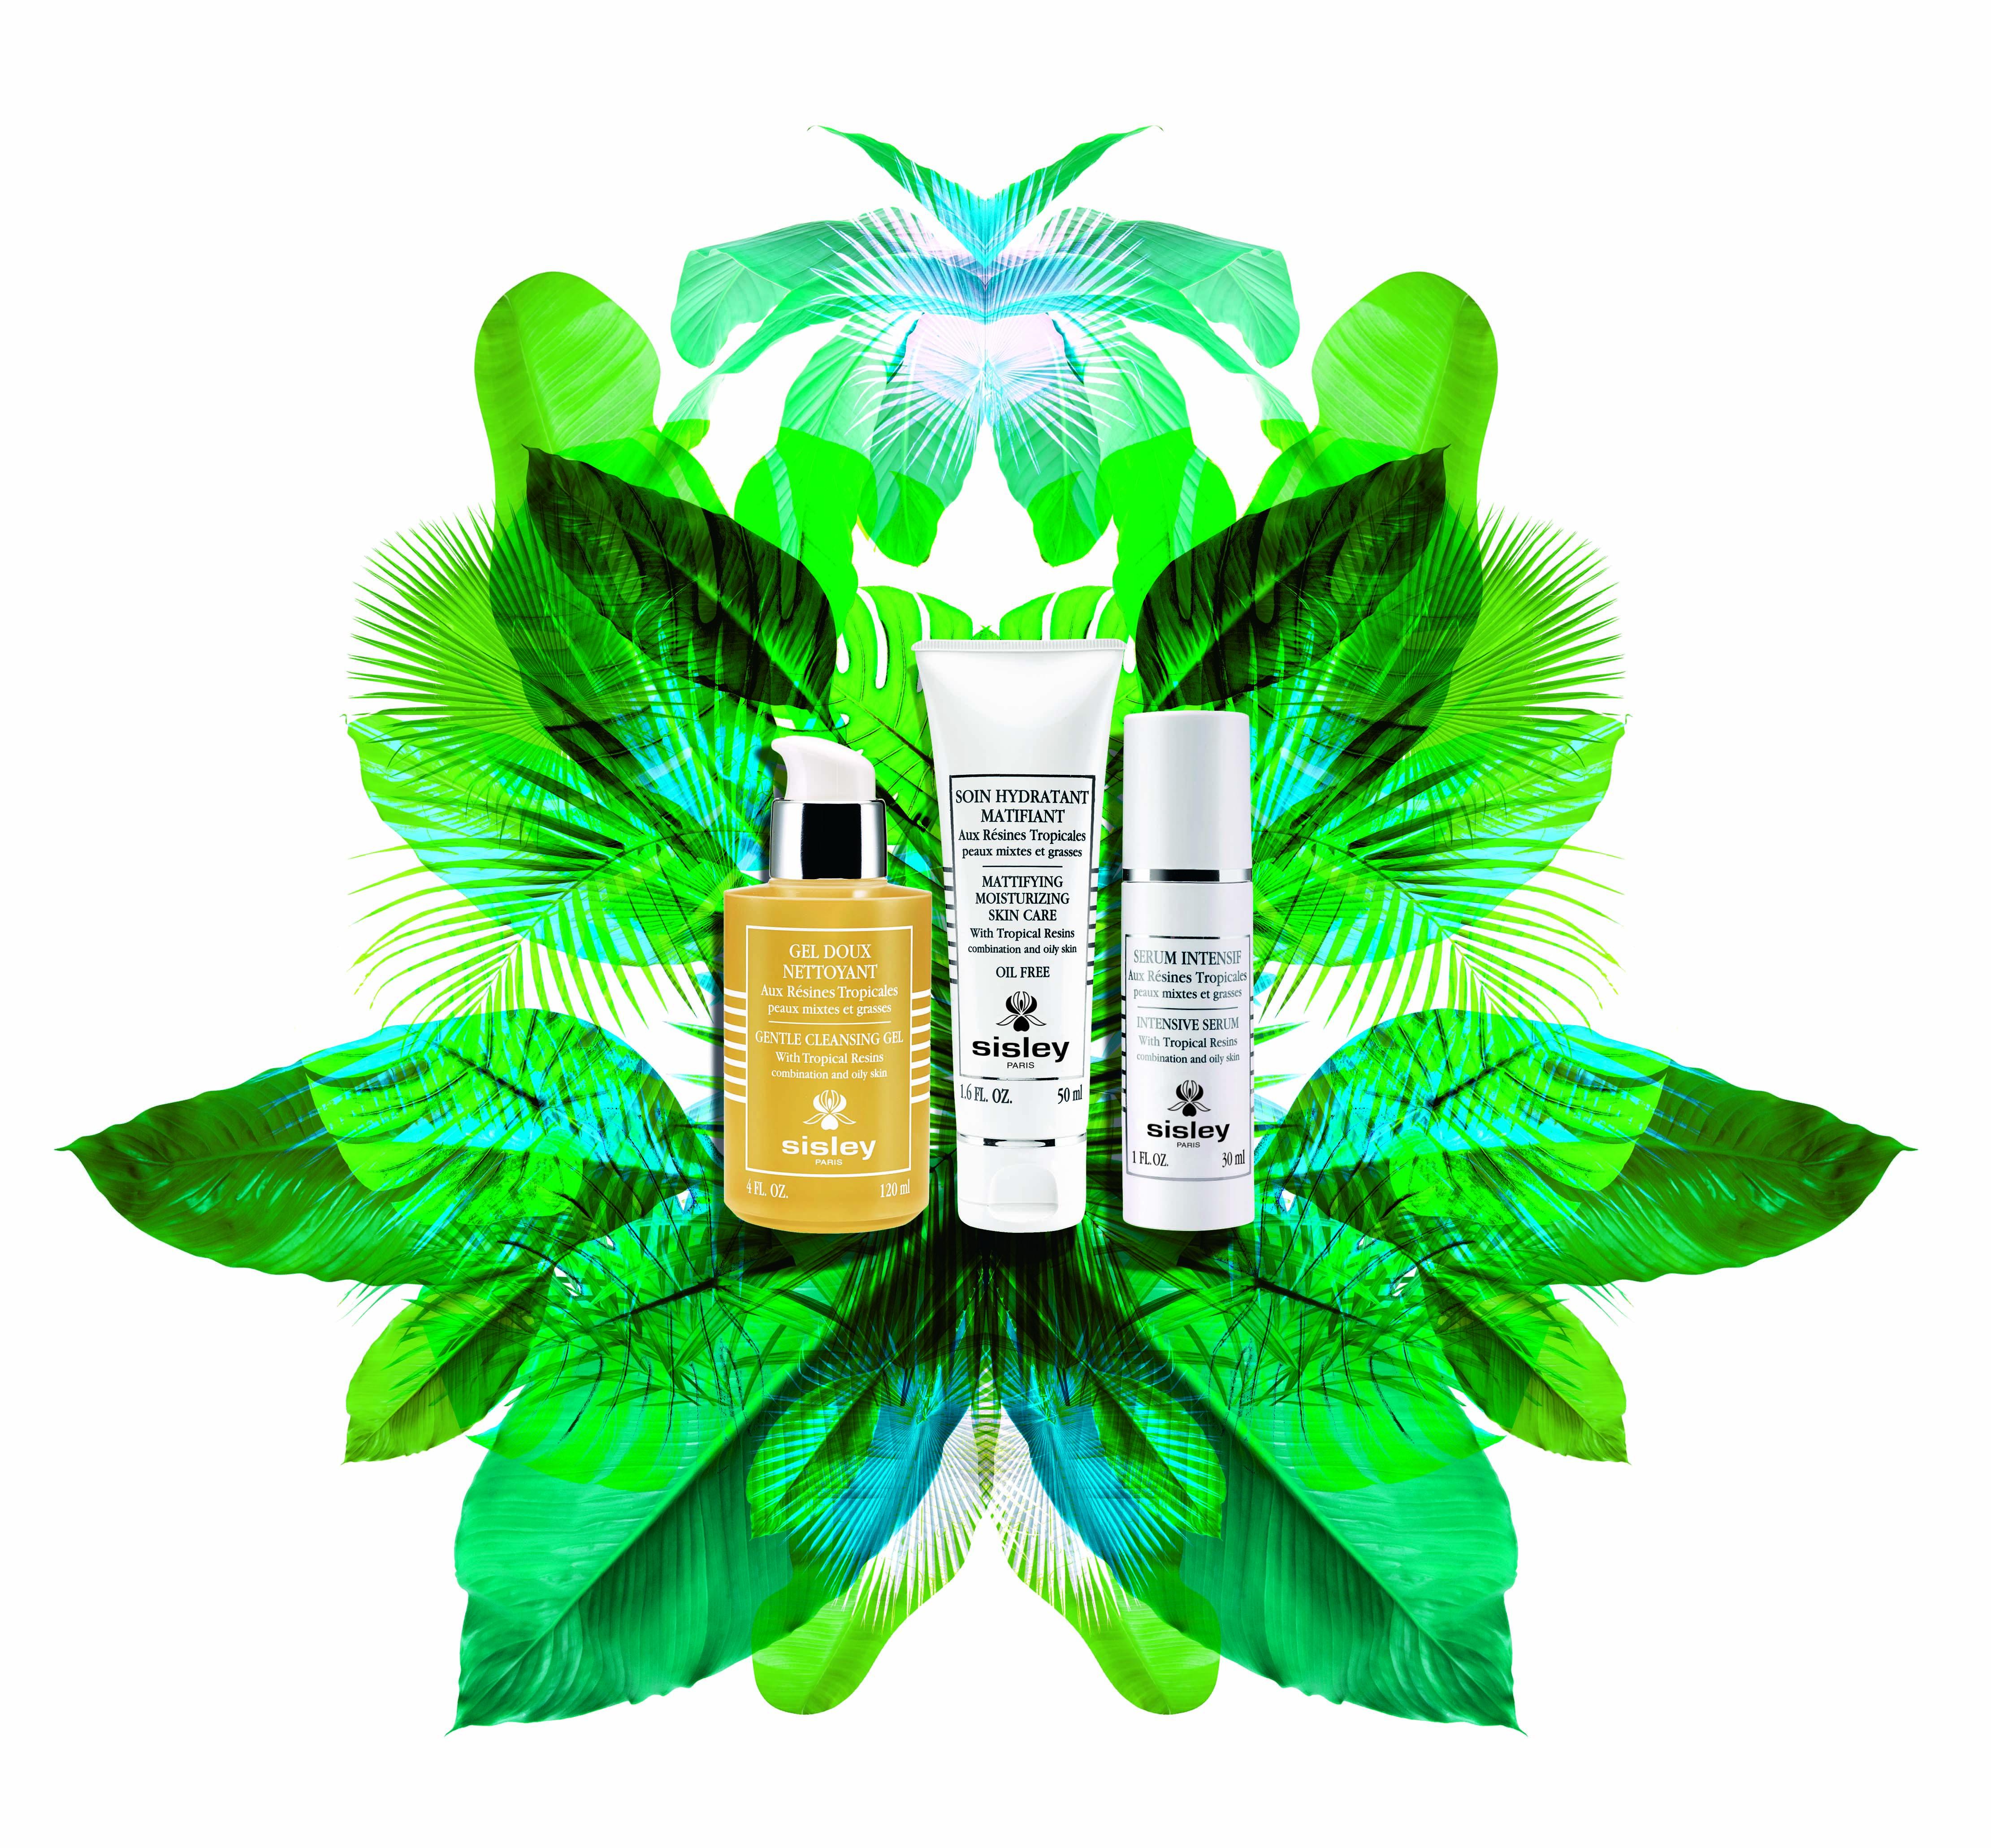 Новинки Sisley Resines Tropicales: гель для умывания, сыворотка и матирующий крем с тропическими смолами